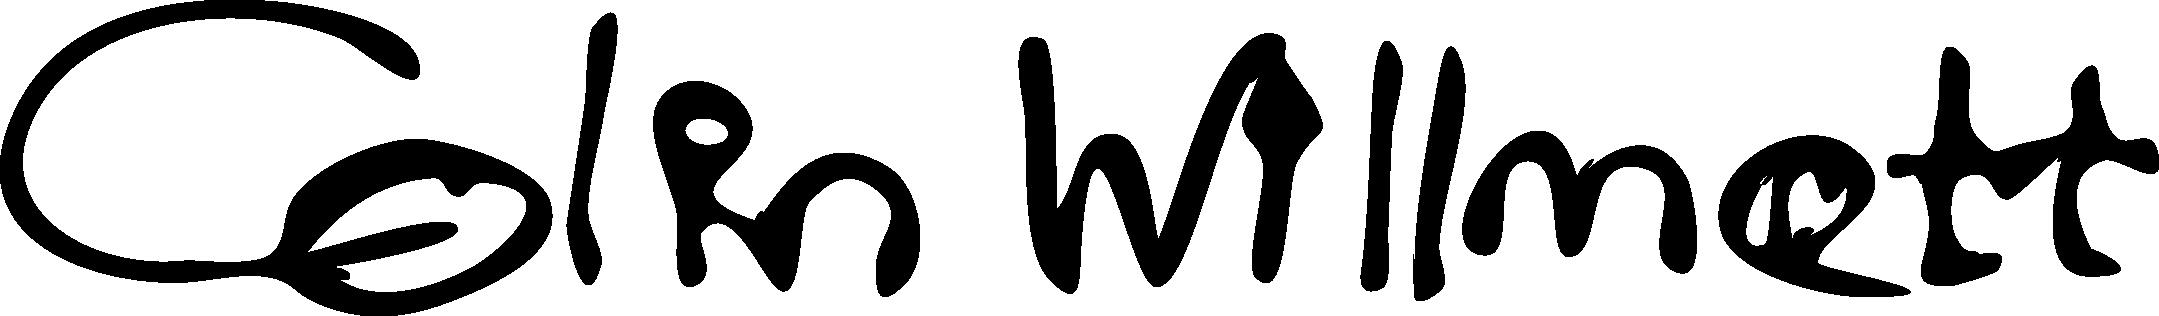 colin willmott's Signature